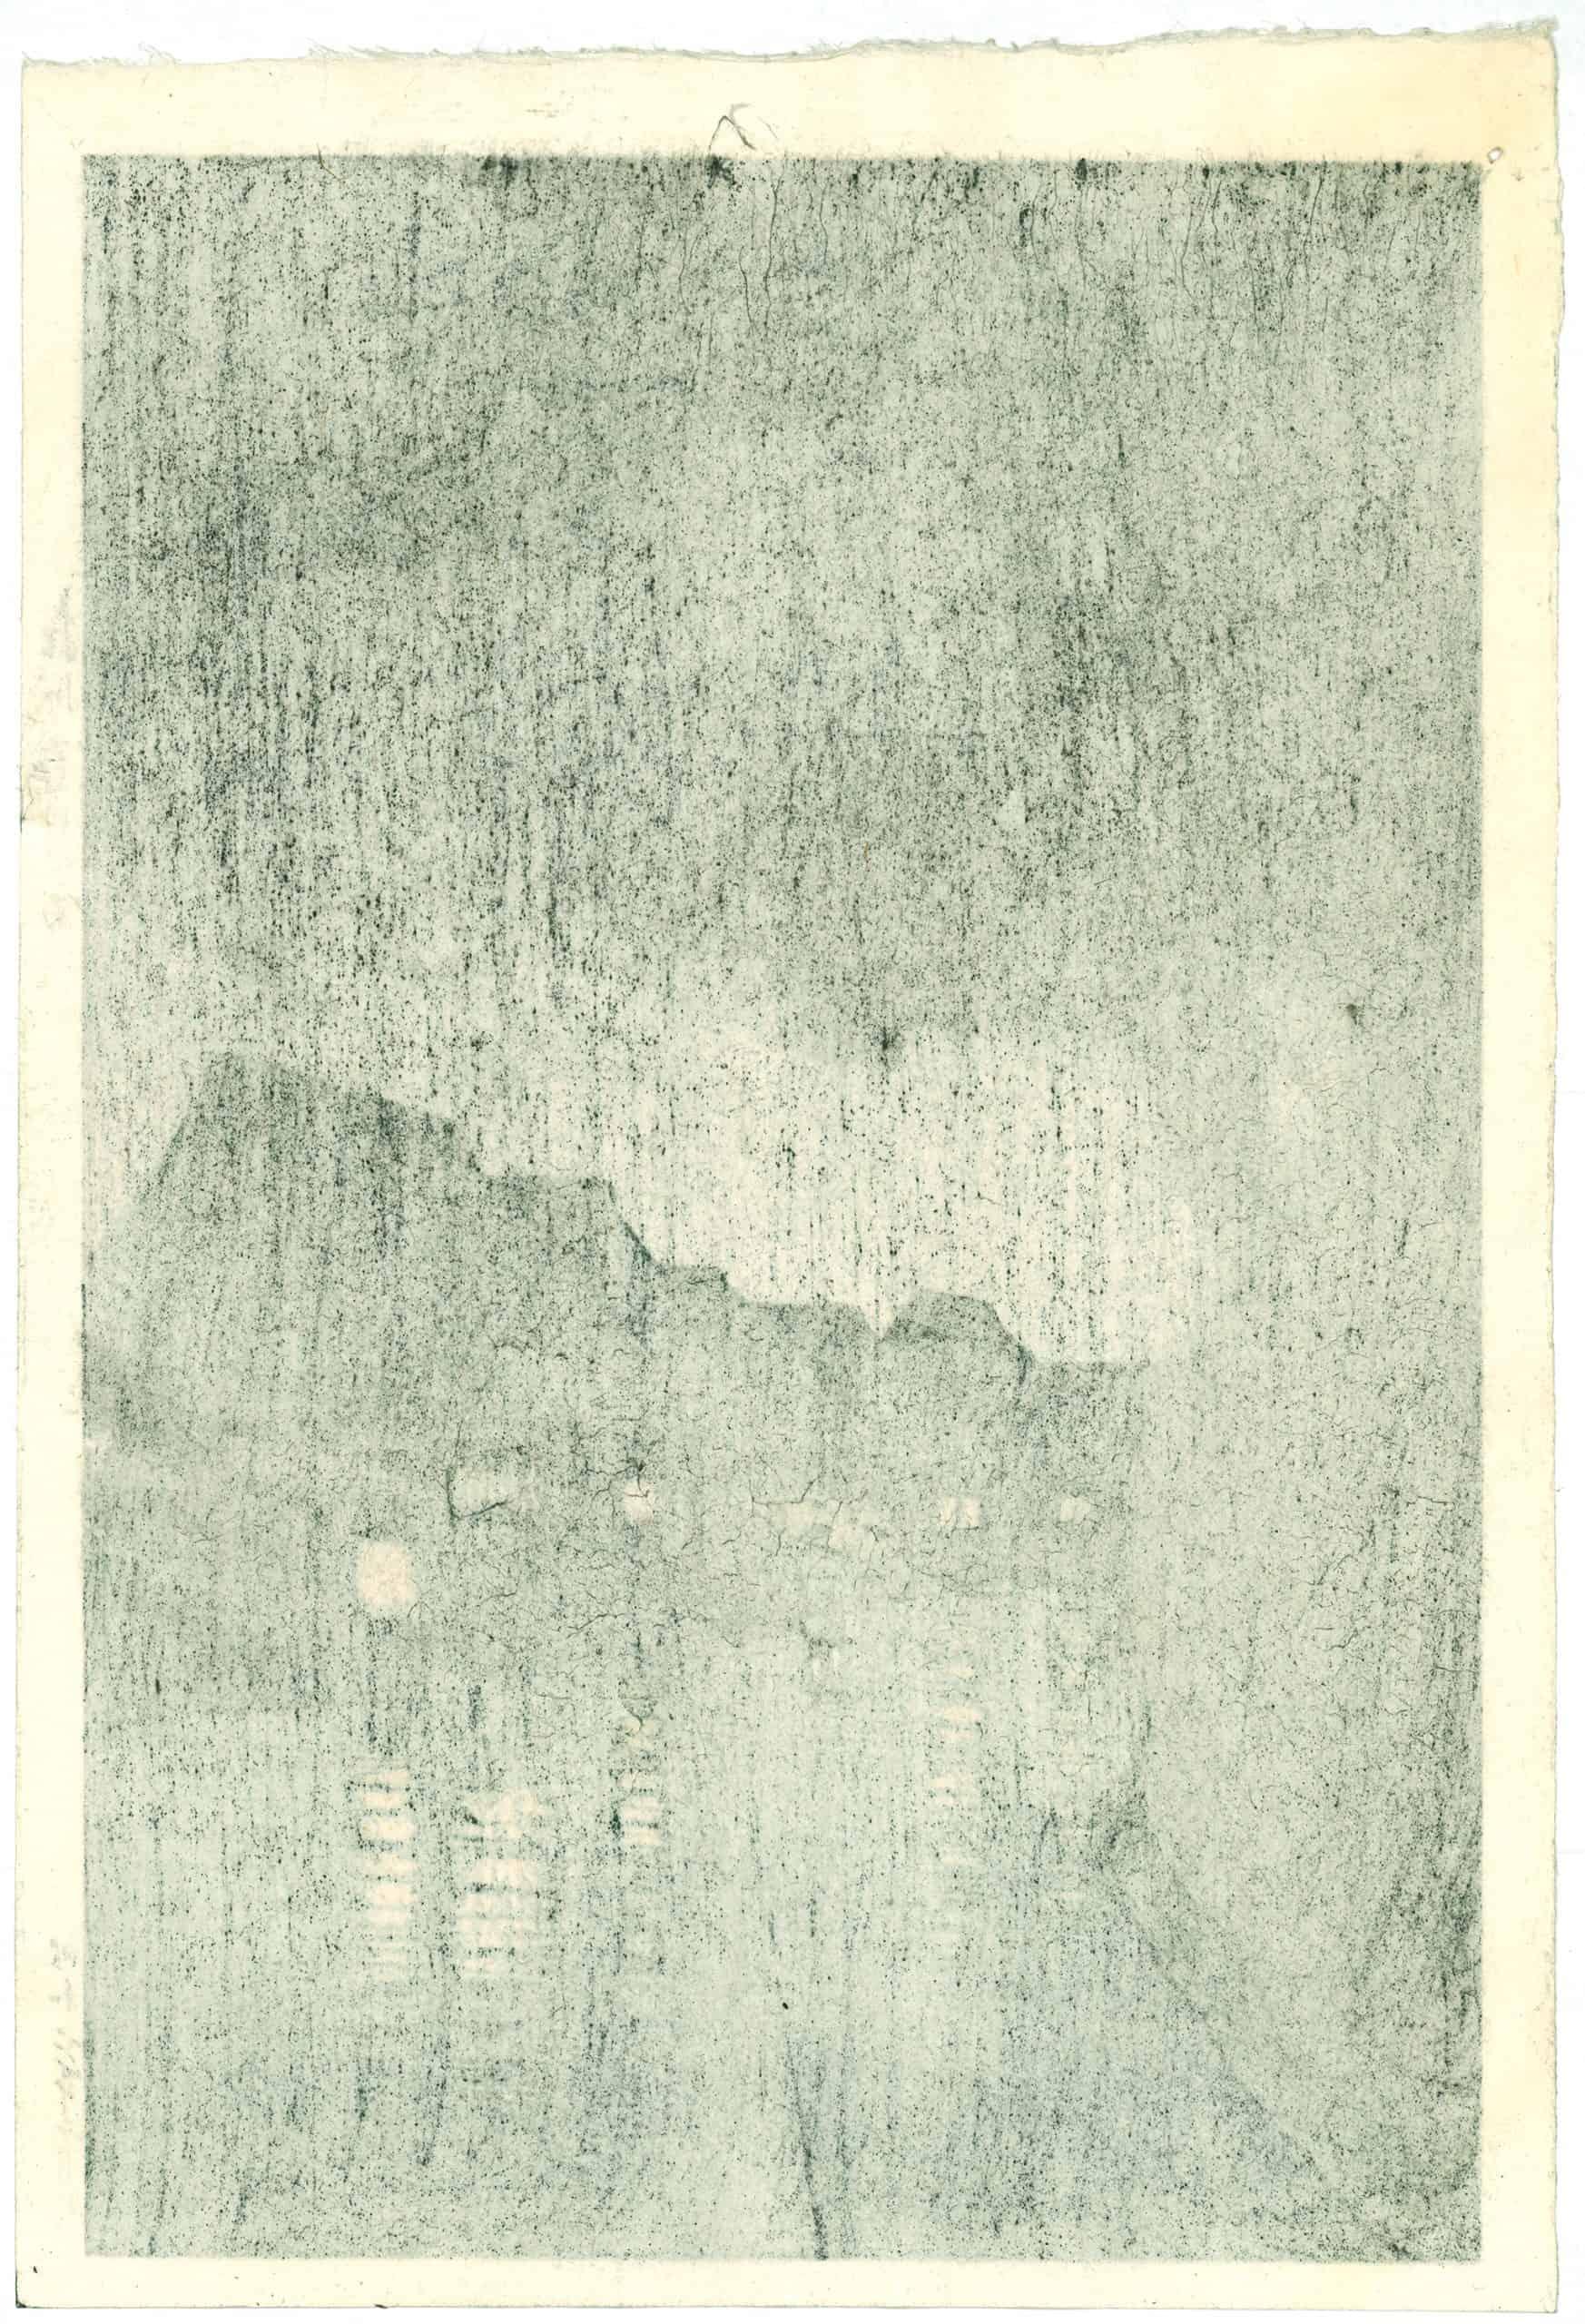 Kawase Hasui - Rain at Maekawa (Selected Views of the Tôkaidô Road) (verso)